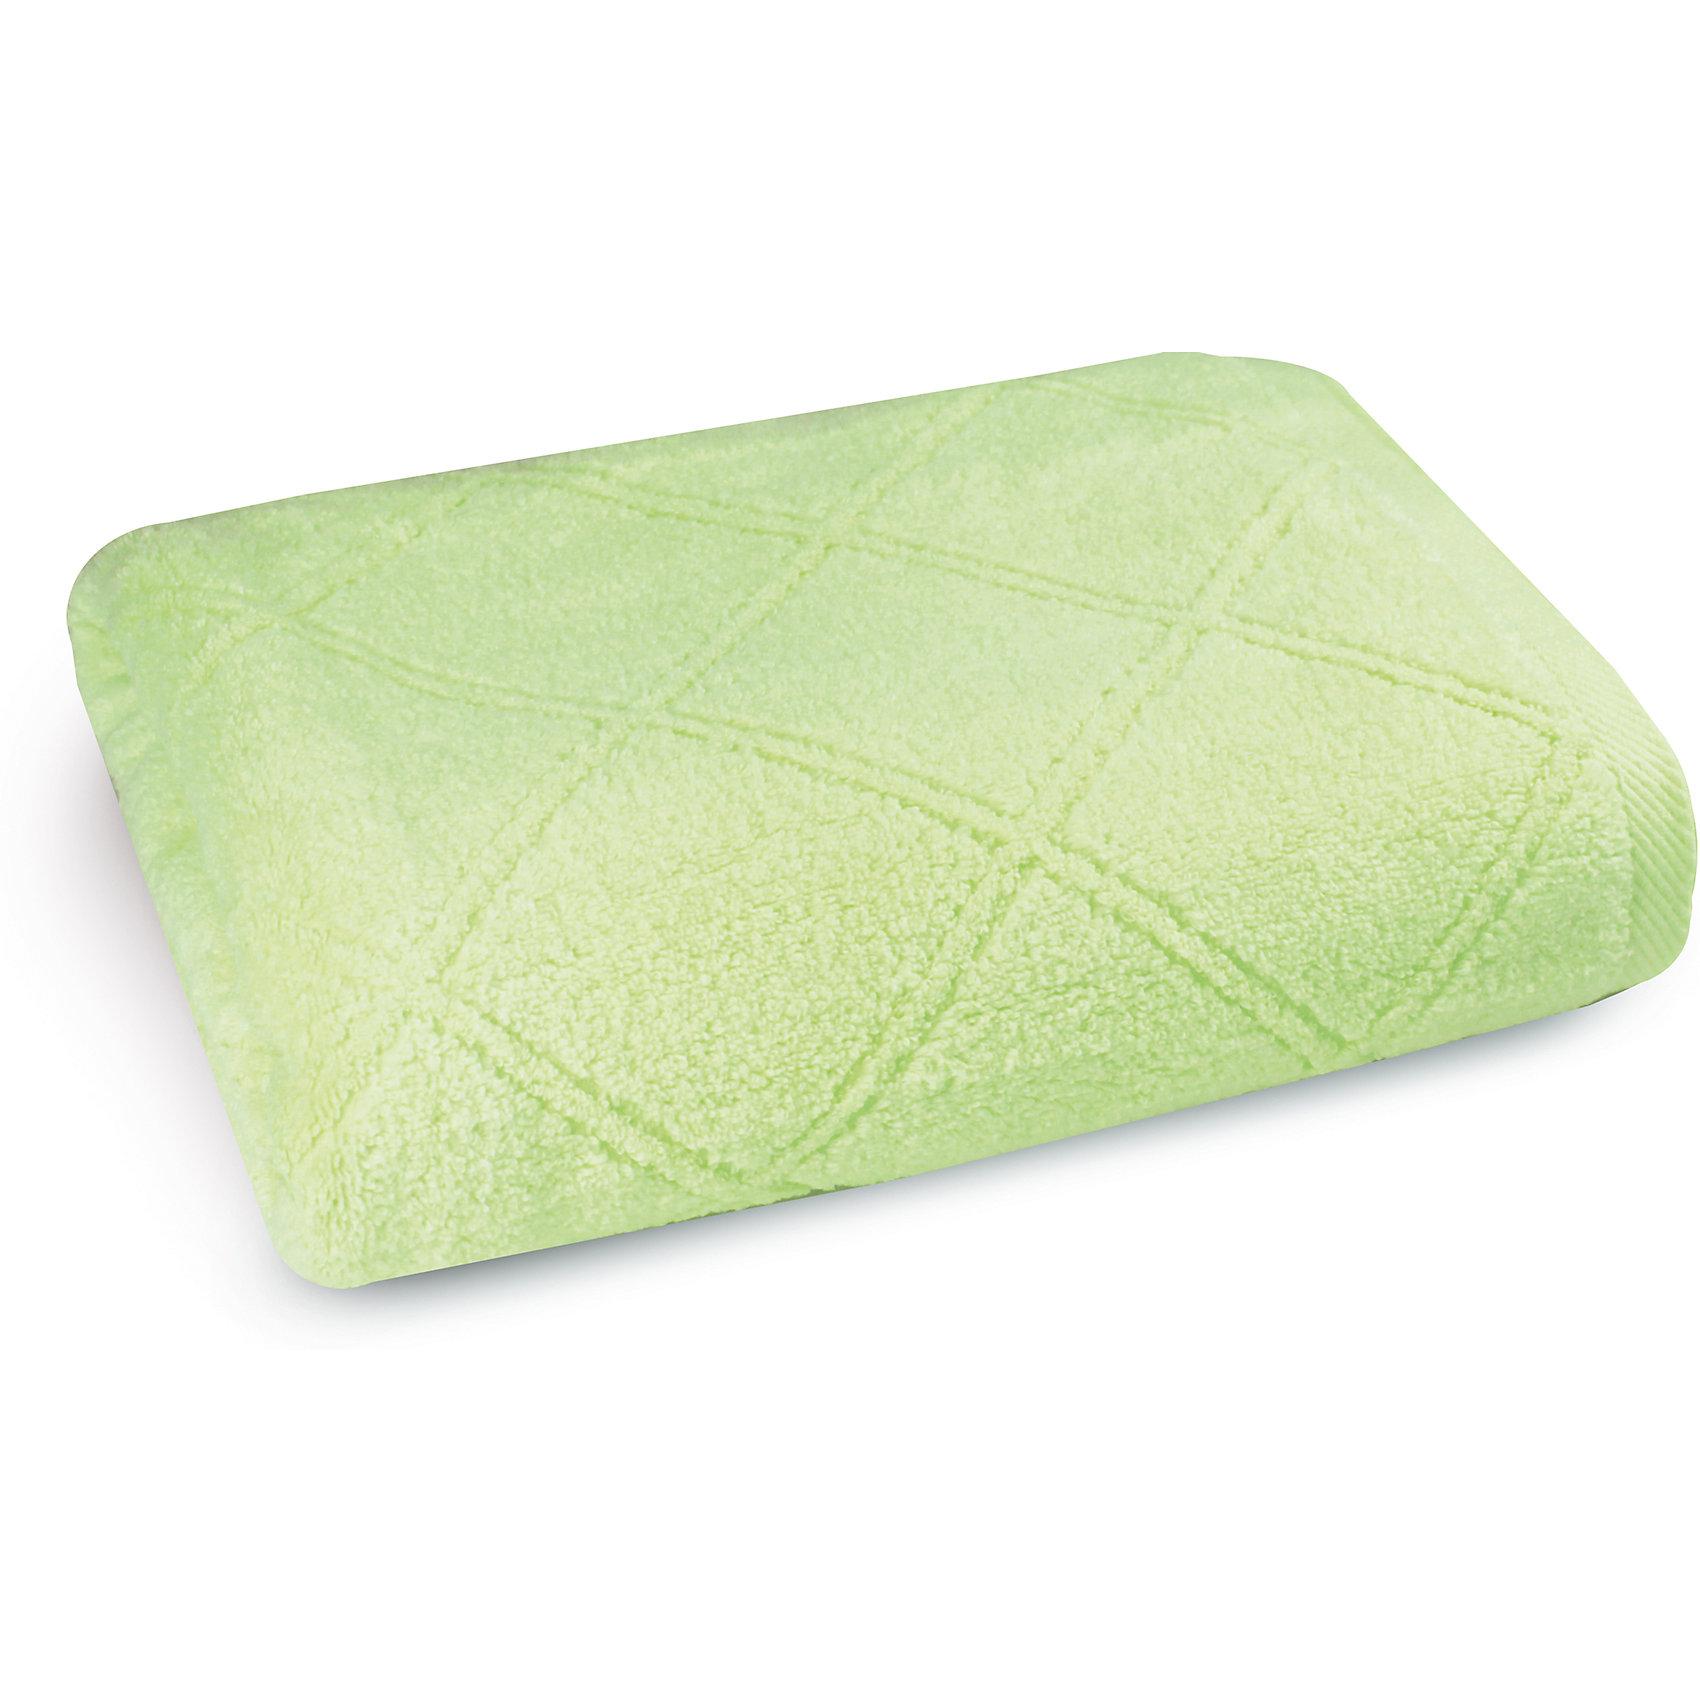 Полотенце махровое 70*140, Cozy Home, зеленыйВанная комната<br>Полотенце махровое 70*140, Cozy Home (Кози Хоум), зеленый<br><br>Характеристики:<br><br>• мягкое полотенце, приятное на ощупь<br>• хорошо впитывает влагу<br>• легко стирать<br>• материал: хлопок<br>• размер: 70х140 см<br>• цвет: зеленый<br><br>Мягкое и качественное полотенце - залог вашего комфорта. Махровое полотенце от Cozy Home создано из мягкого качественного хлопка. Хлопок хорошо впитывает влагу, не позволяя микробам и бактериям образовываться на поверхности. К тому же, полотенце не меняет свой вид и сохраняет свойства даже после многочисленных стирок. Дизайн полотенца - однотонная расцветка с узором из ромбов. Он прекрасно впишется в интерьер любой ванной комнаты.<br><br>Полотенце махровое 70*140, Cozy Home (Кози Хоум), зеленый вы можете купить в нашем интернет-магазине.<br><br>Ширина мм: 150<br>Глубина мм: 350<br>Высота мм: 150<br>Вес г: 350<br>Возраст от месяцев: 0<br>Возраст до месяцев: 216<br>Пол: Унисекс<br>Возраст: Детский<br>SKU: 5355320